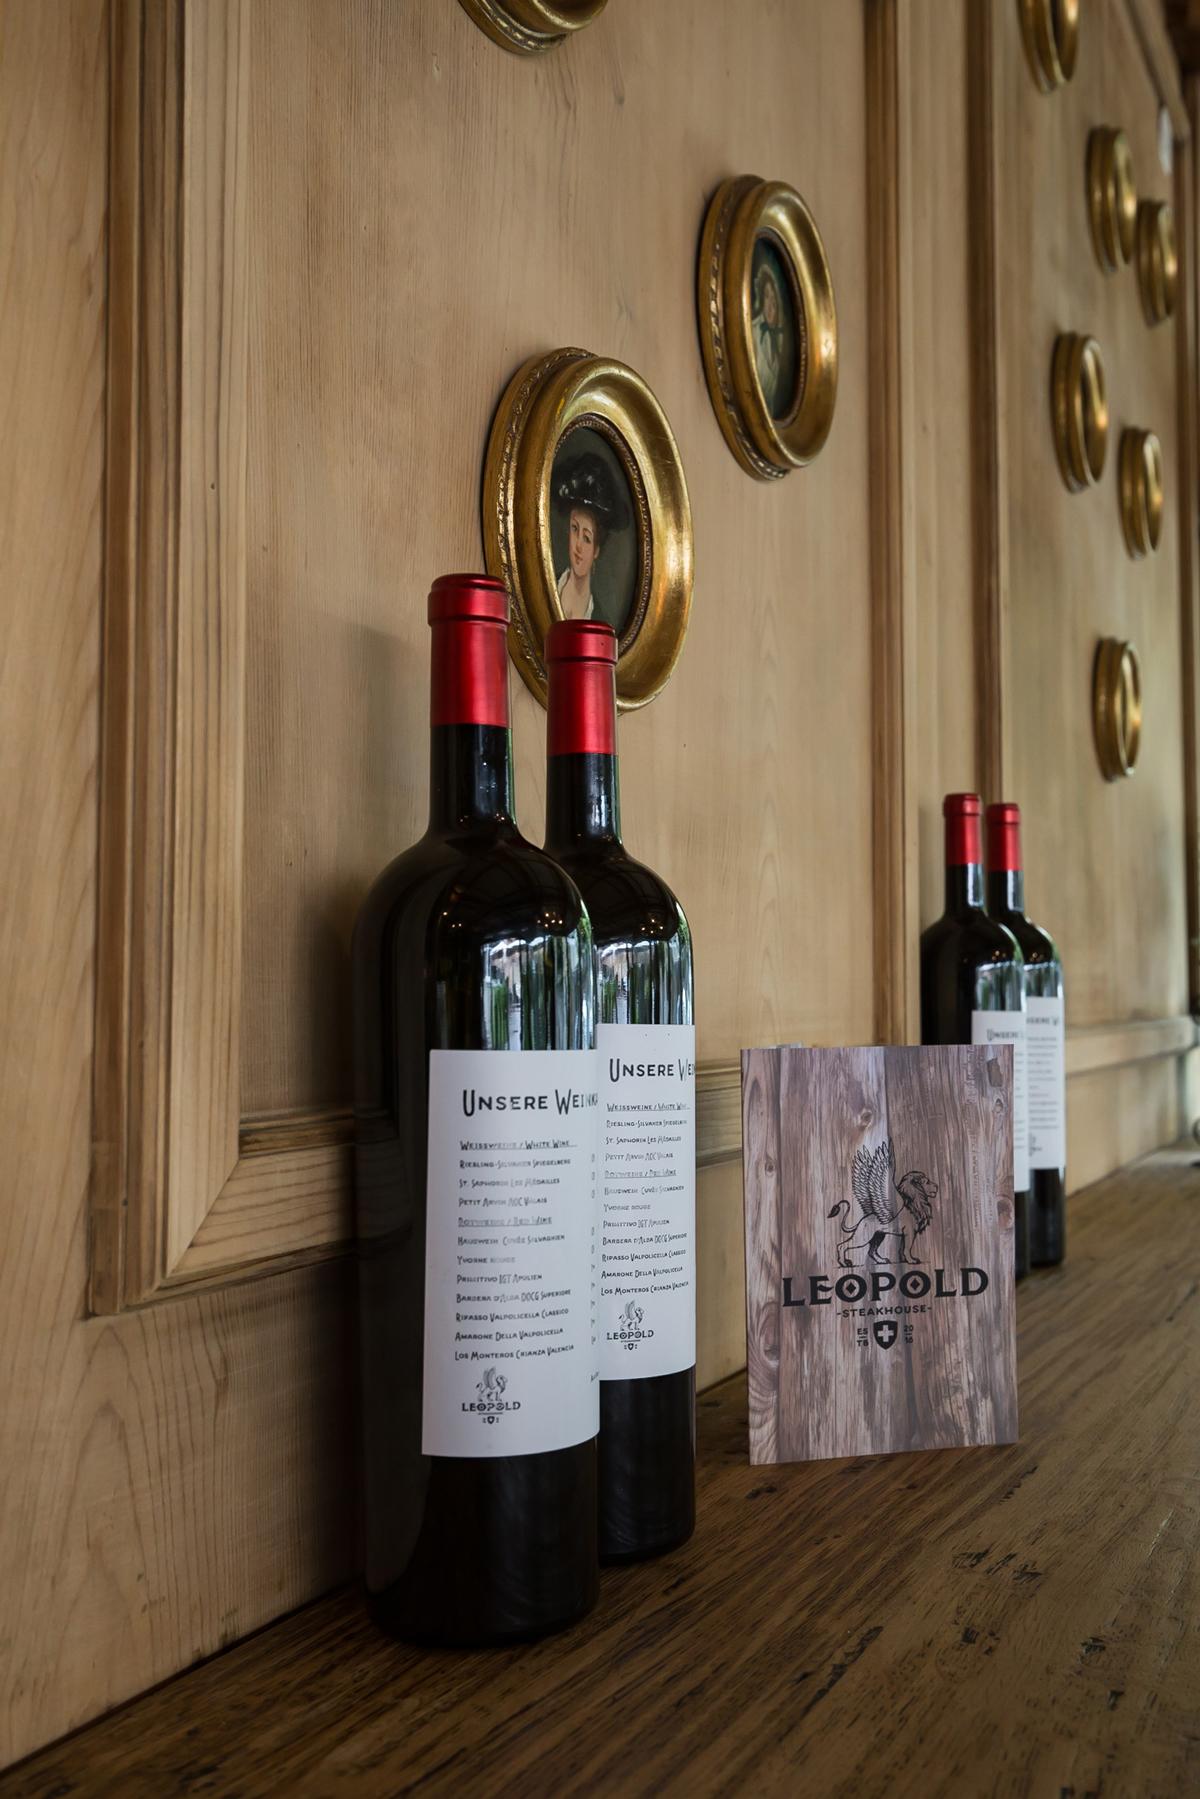 leopold-closeup-wijnkaart-2